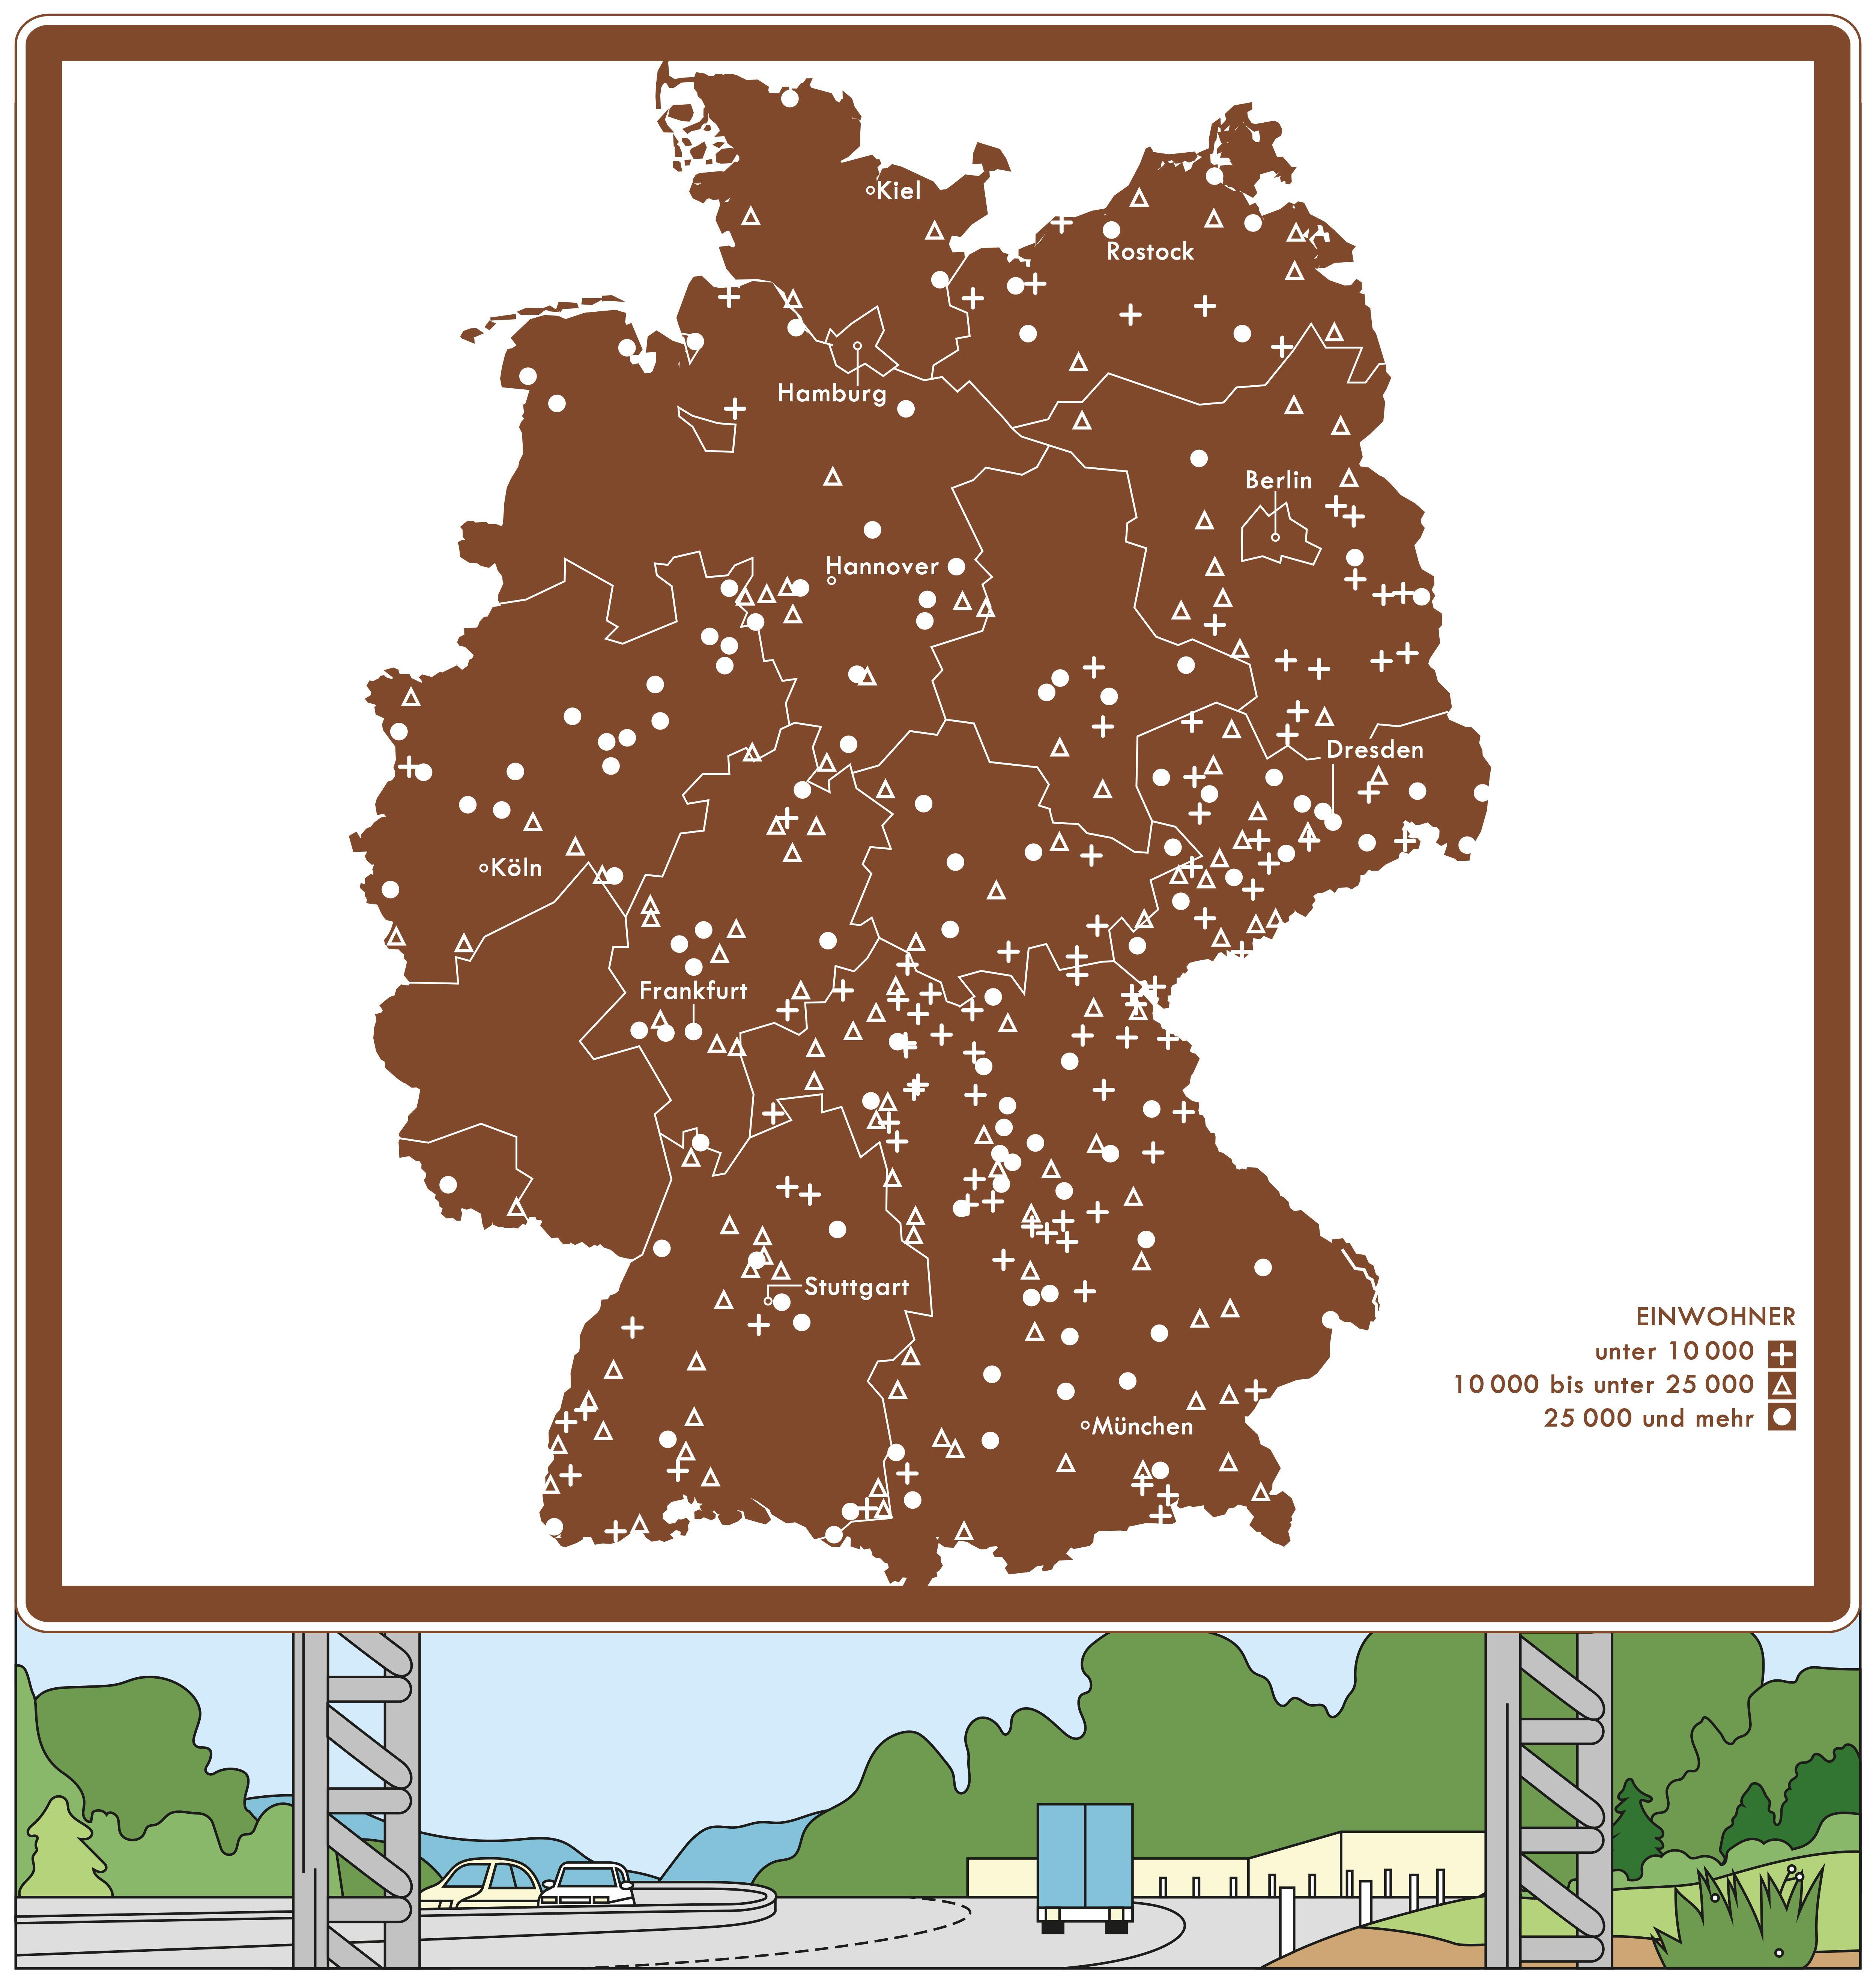 Deutschlandkarte: Die Deutschlandkarte zählt die braunen Schilder neben der Autobahn